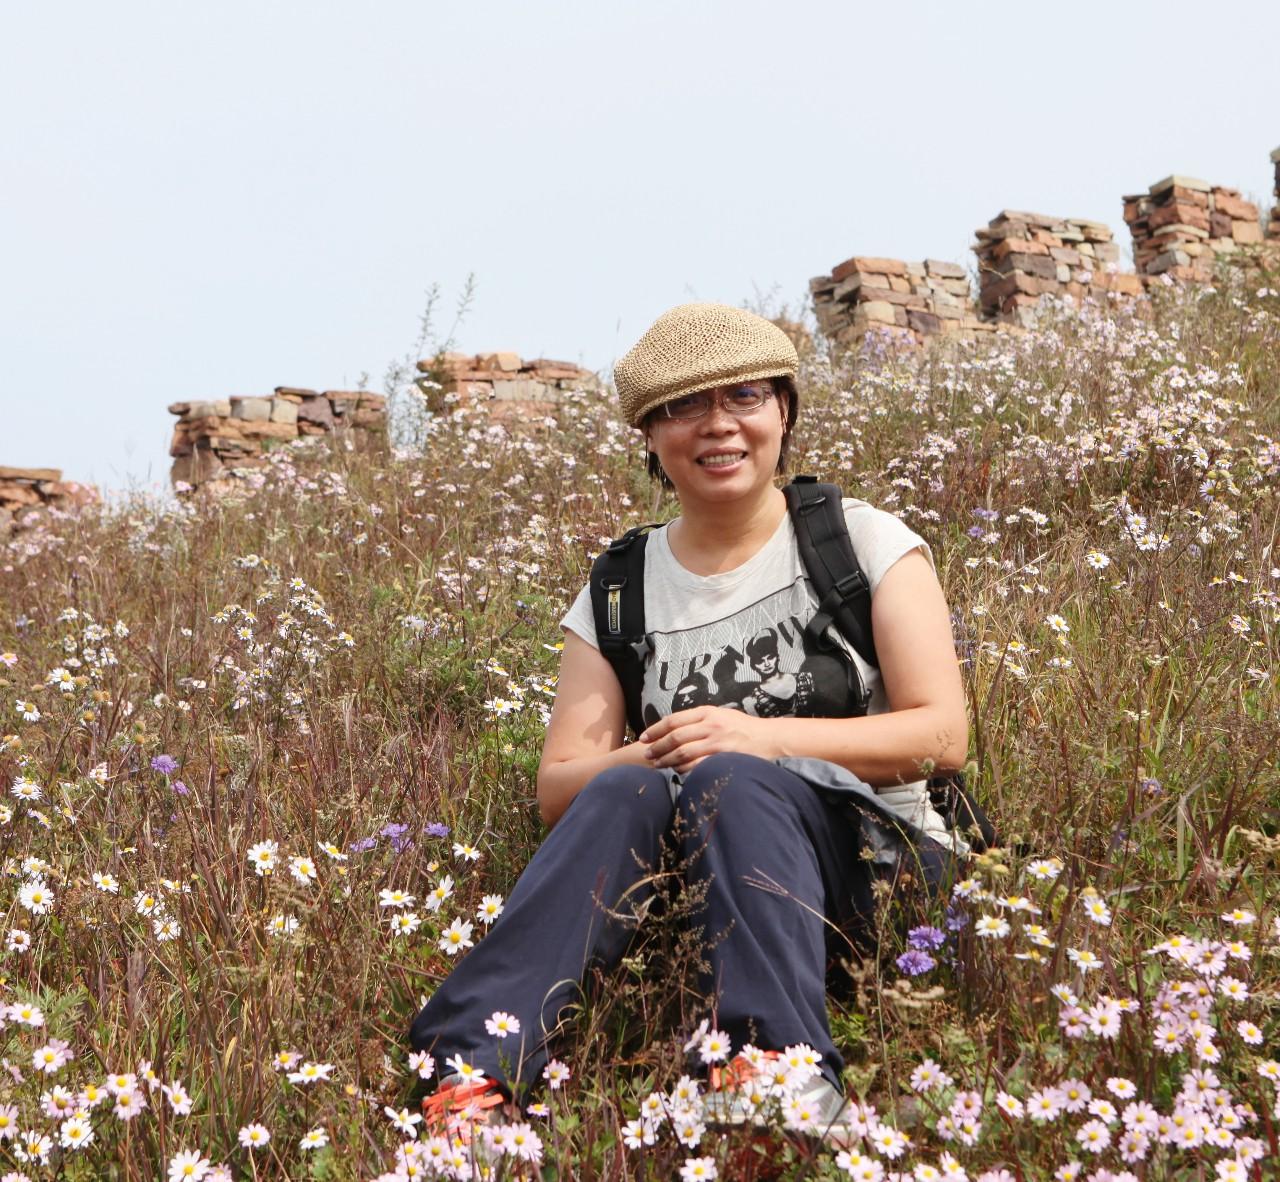 双创人物 | 中国爱情山·天河山风景区董事长崔惠君:德业并进 不居